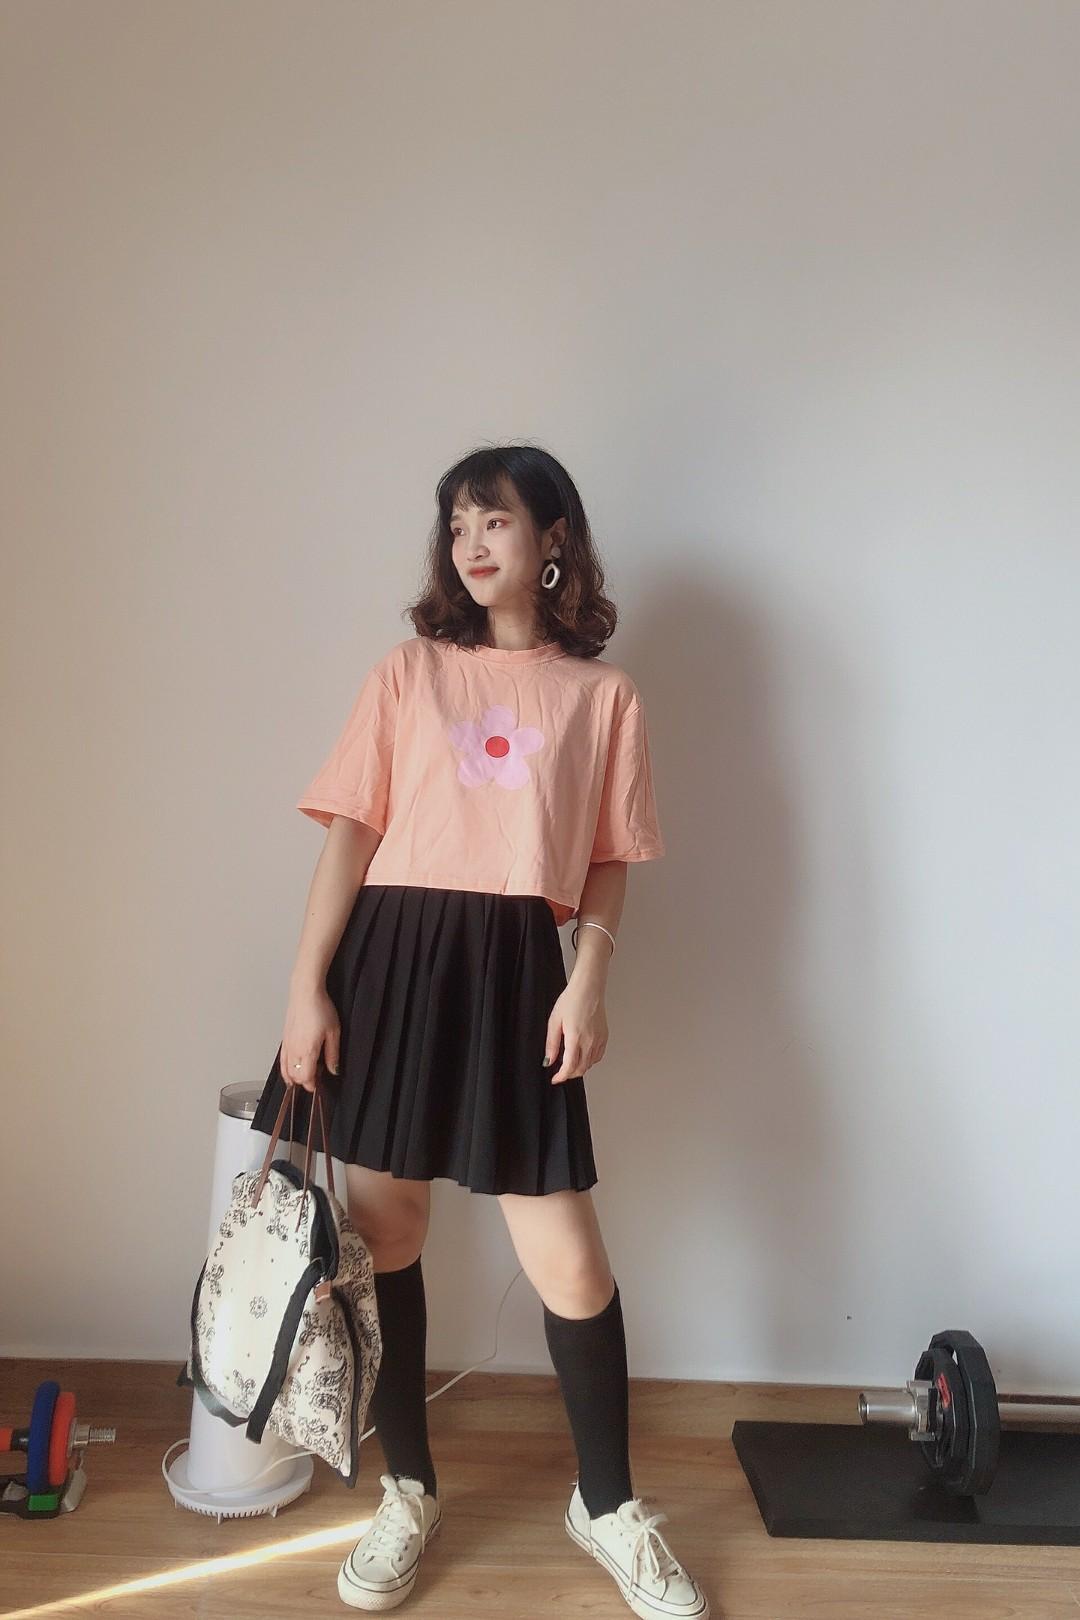 #娜比同款百褶裙,青春万岁!#  泫雅风小花花,甜橙的颜色上衣,很显青春活力噢,搭配百褶裙裙,加上长筒袜,靓丽的学生就是我啦~